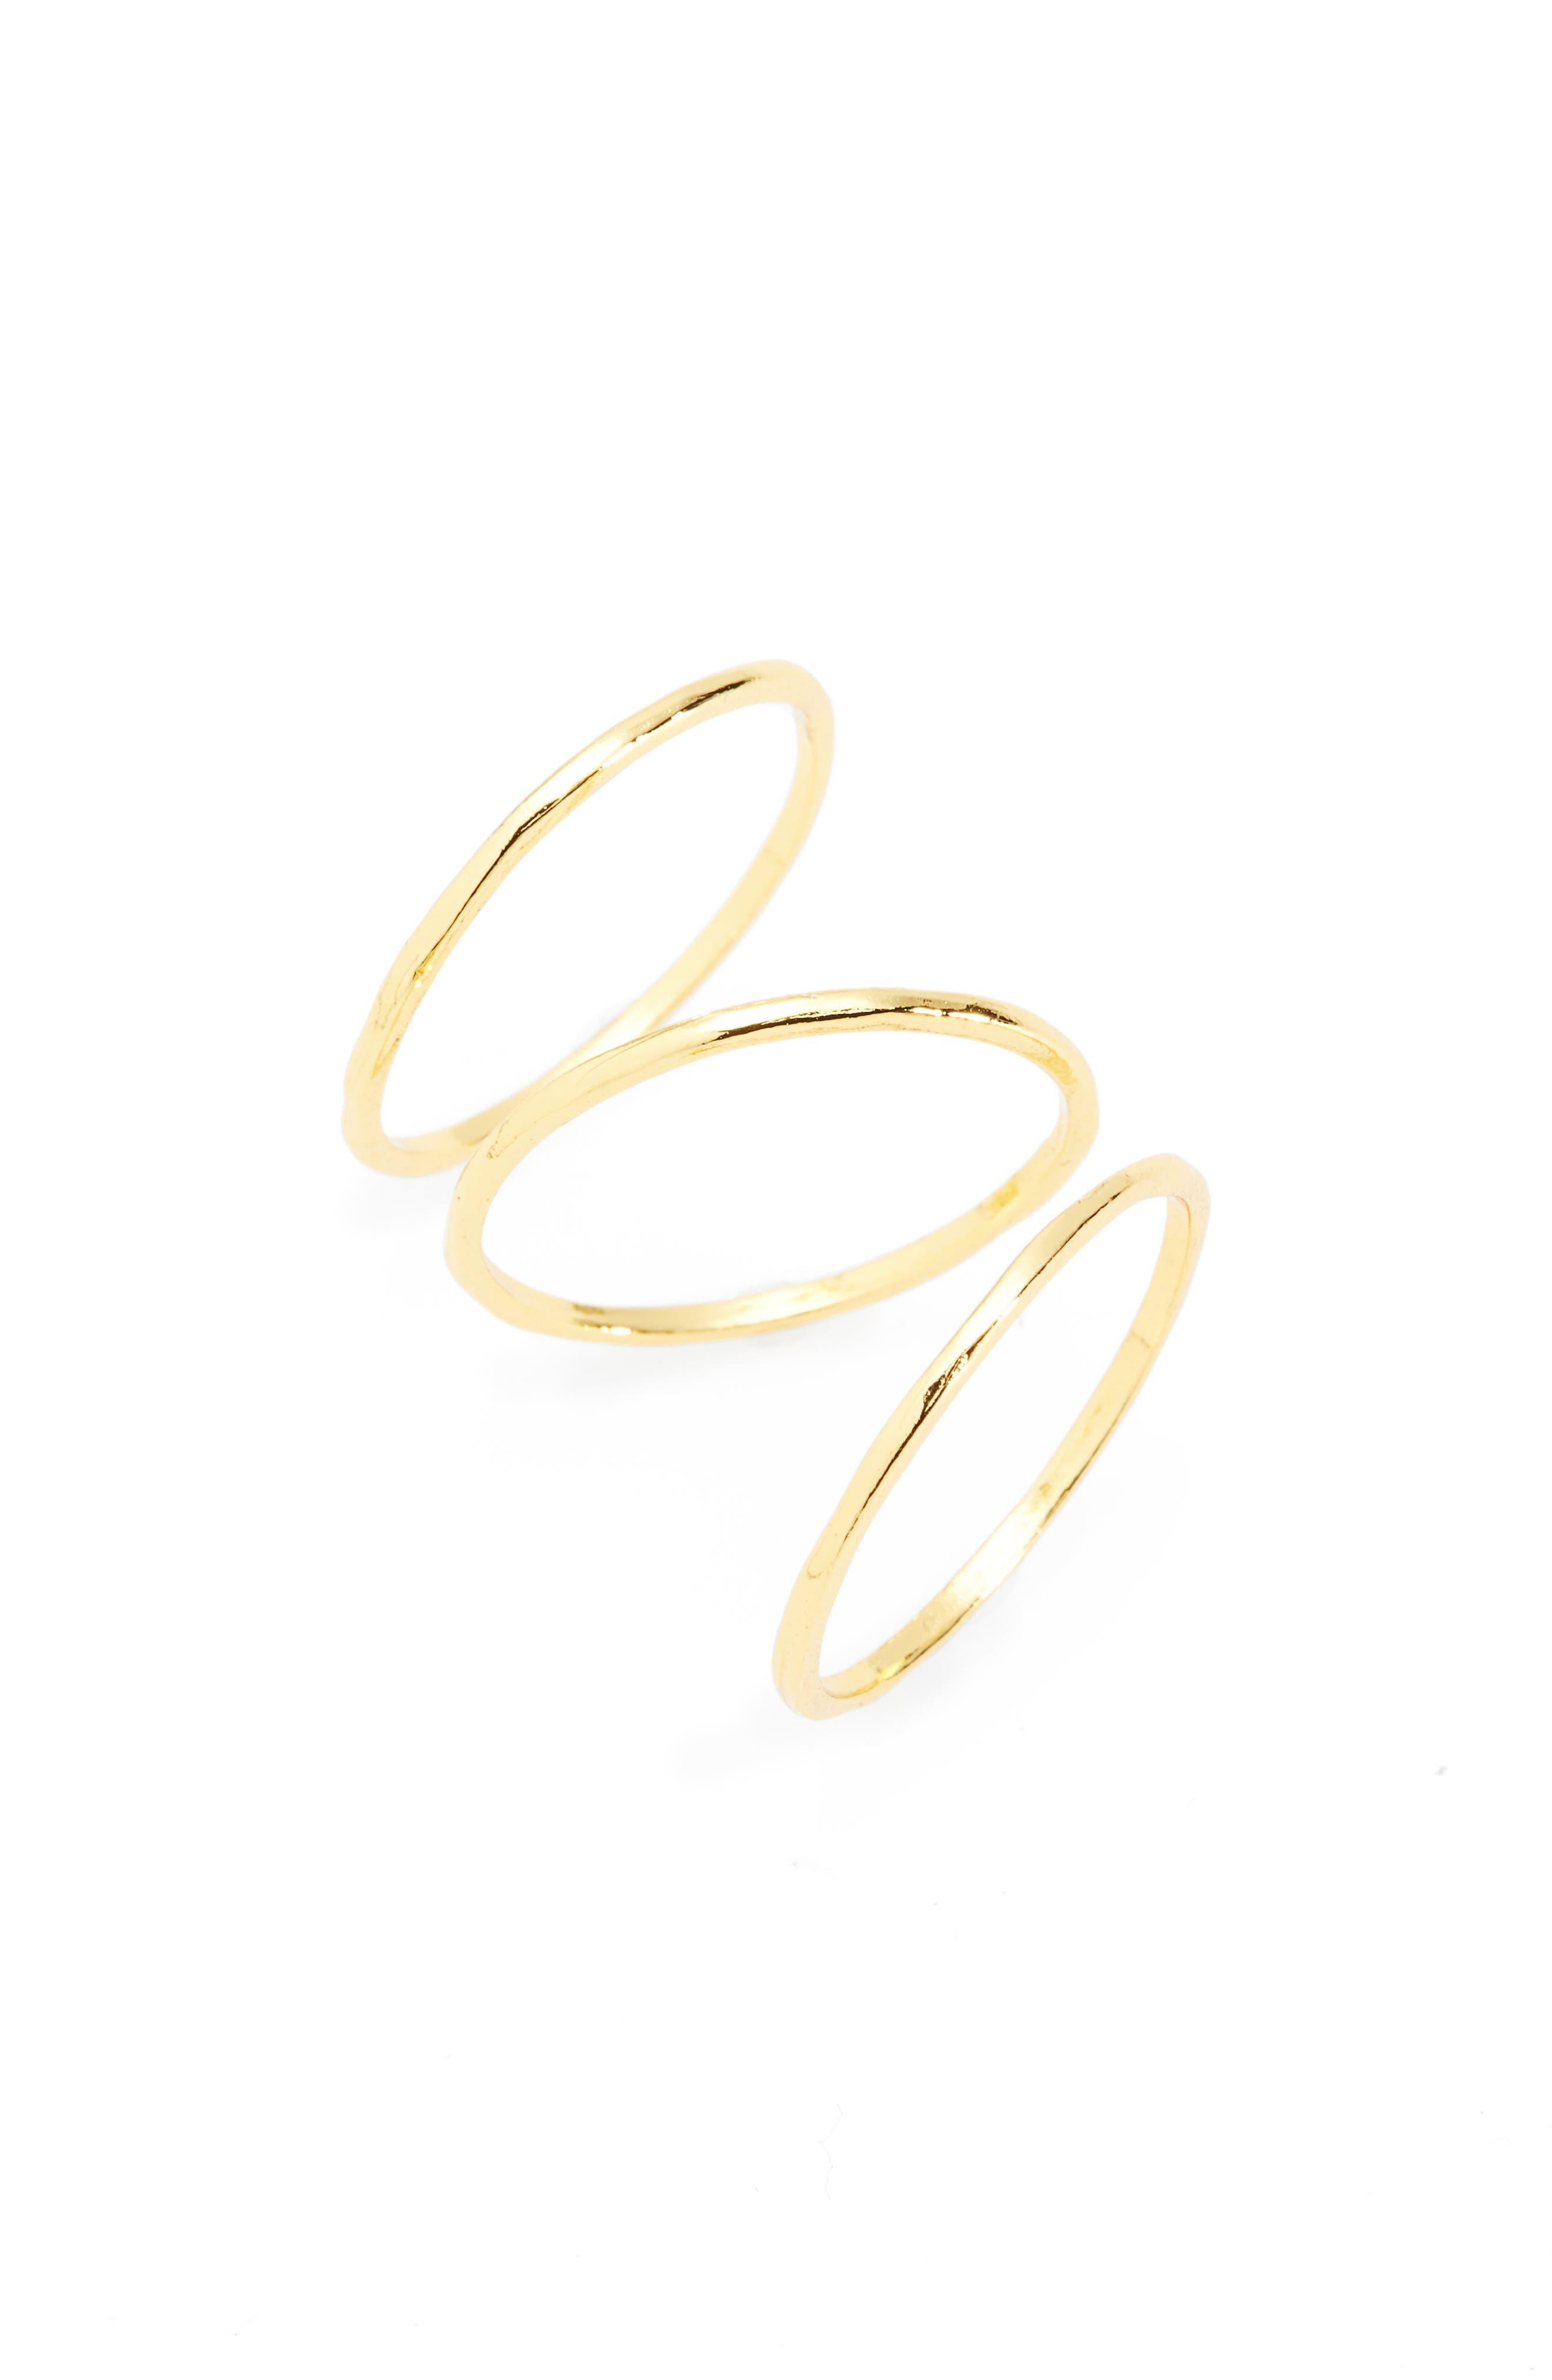 Alternate Image 1 Selected - gorjana 'G Ring' Rings (Set of 3)